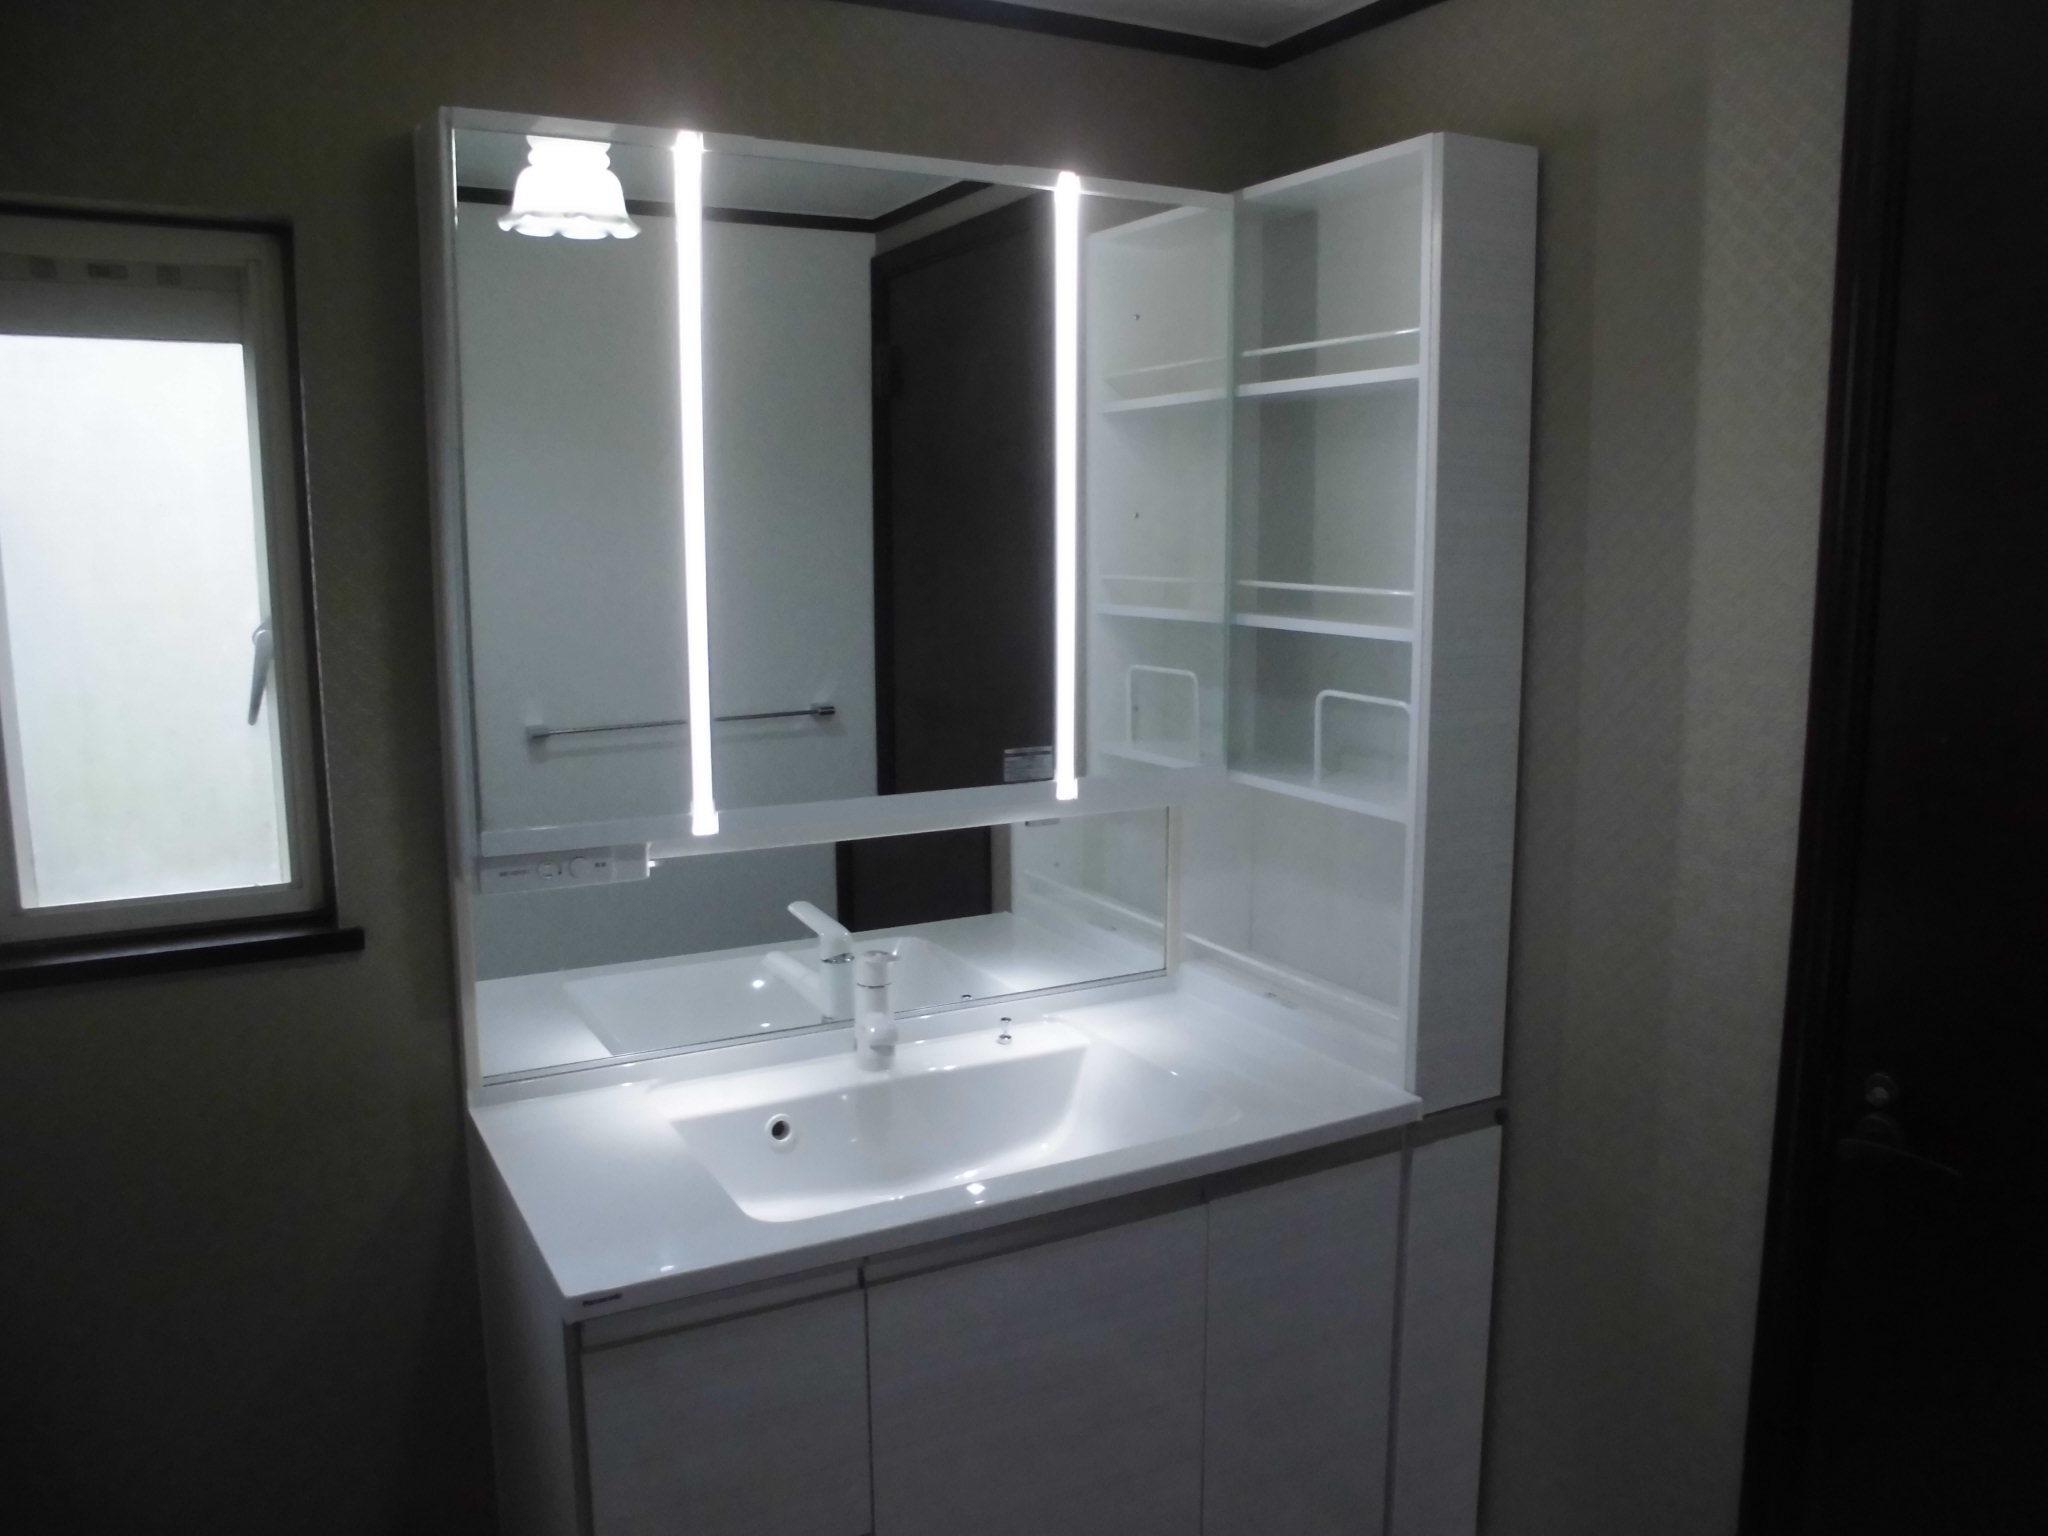 LED縦ストライプ照明機能付きの洗面台を設置